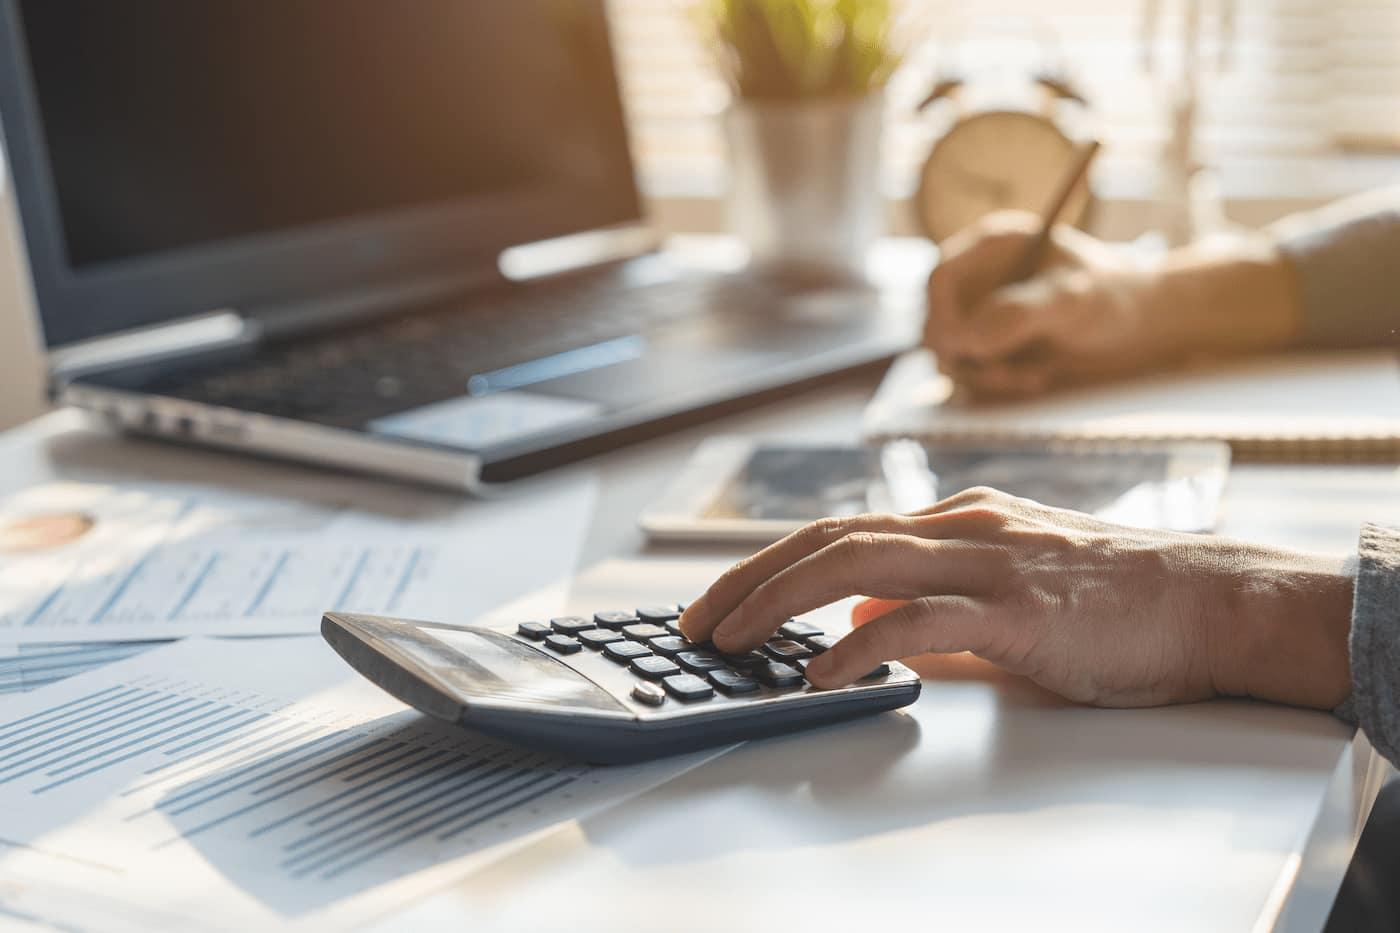 Rental property tax deductions often overlooked